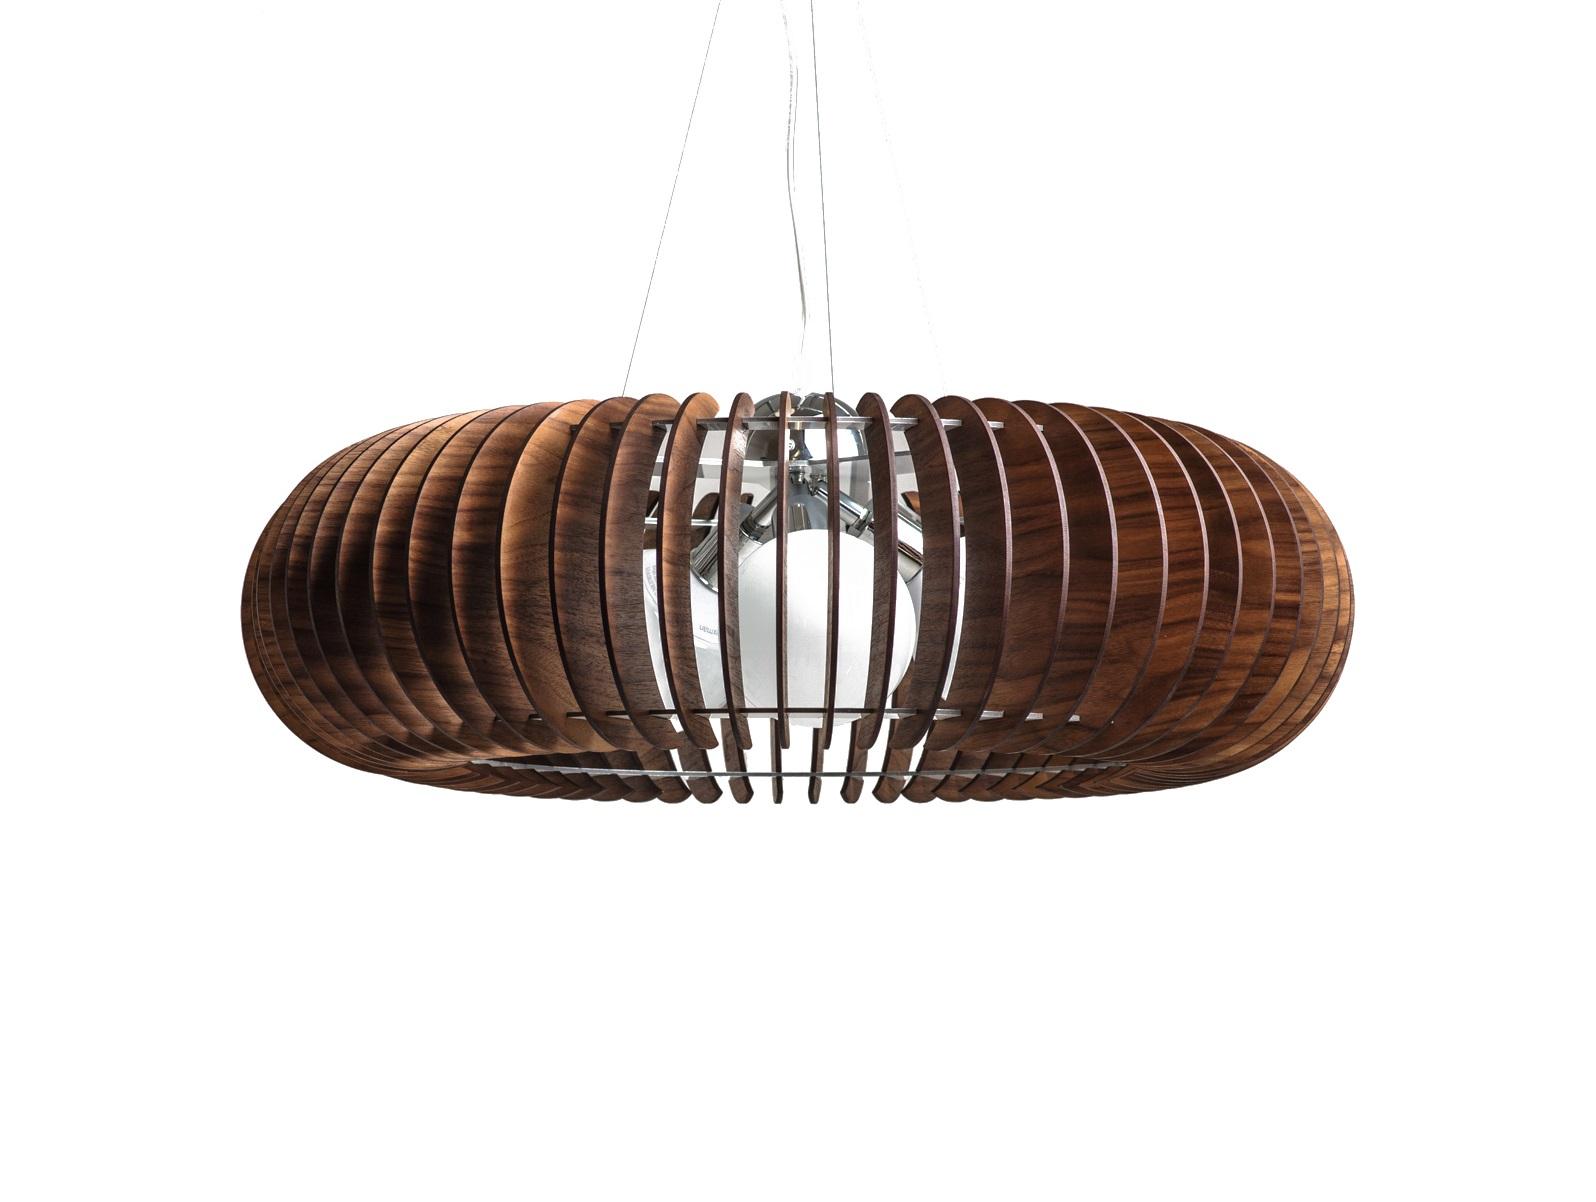 Светильник СпутникПодвесные светильники<br>Элегантная открытая форма люстры позволяет монтировать ее в разных помещениях как по стилю, так и по площади. Использование деревянных ламелей в сочетании с хромированной фурнитурой предают светильнику орбитальную невесомость.&amp;amp;nbsp;&amp;lt;div&amp;gt;&amp;lt;br&amp;gt;&amp;lt;/div&amp;gt;&amp;lt;div&amp;gt;Вид цоколя: E27&amp;lt;/div&amp;gt;&amp;lt;div&amp;gt;Мощность: &amp;amp;nbsp;60W&amp;amp;nbsp;&amp;lt;/div&amp;gt;&amp;lt;div&amp;gt;Количество ламп: 3 (нет в комплекте).<br>&amp;lt;/div&amp;gt;<br><br>Material: Шпон<br>Высота см: 22